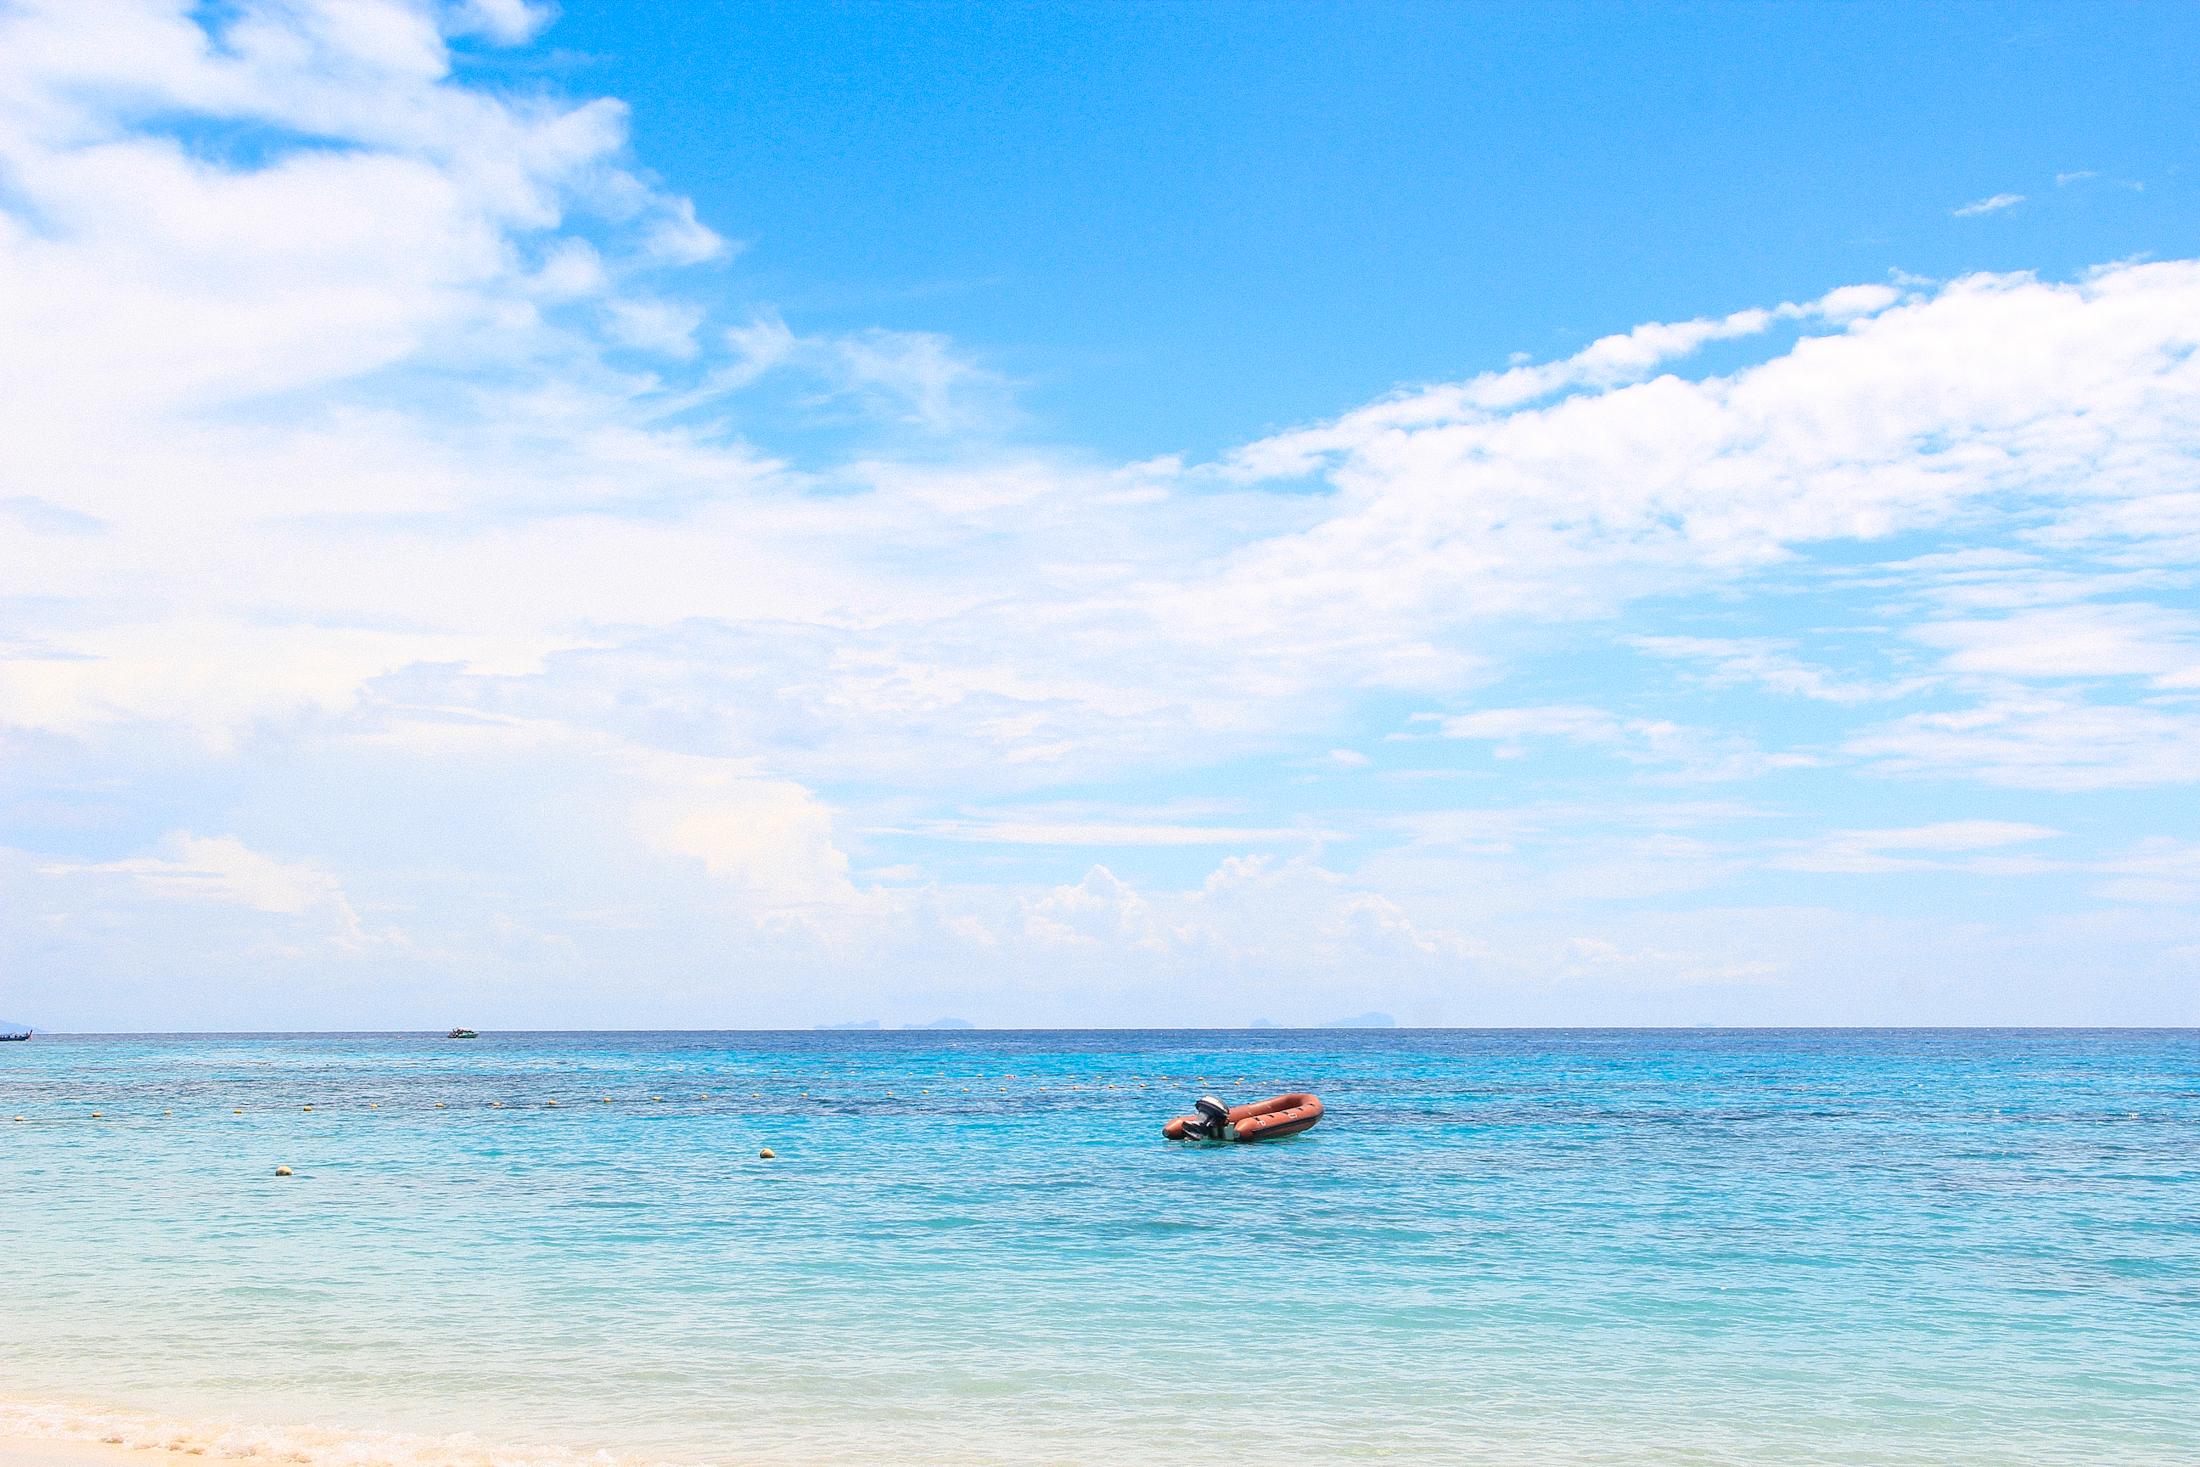 แนะนำ 3 ทะเลไทยฮอตฮิต ที่ติดอันดับในใจพวกเรา